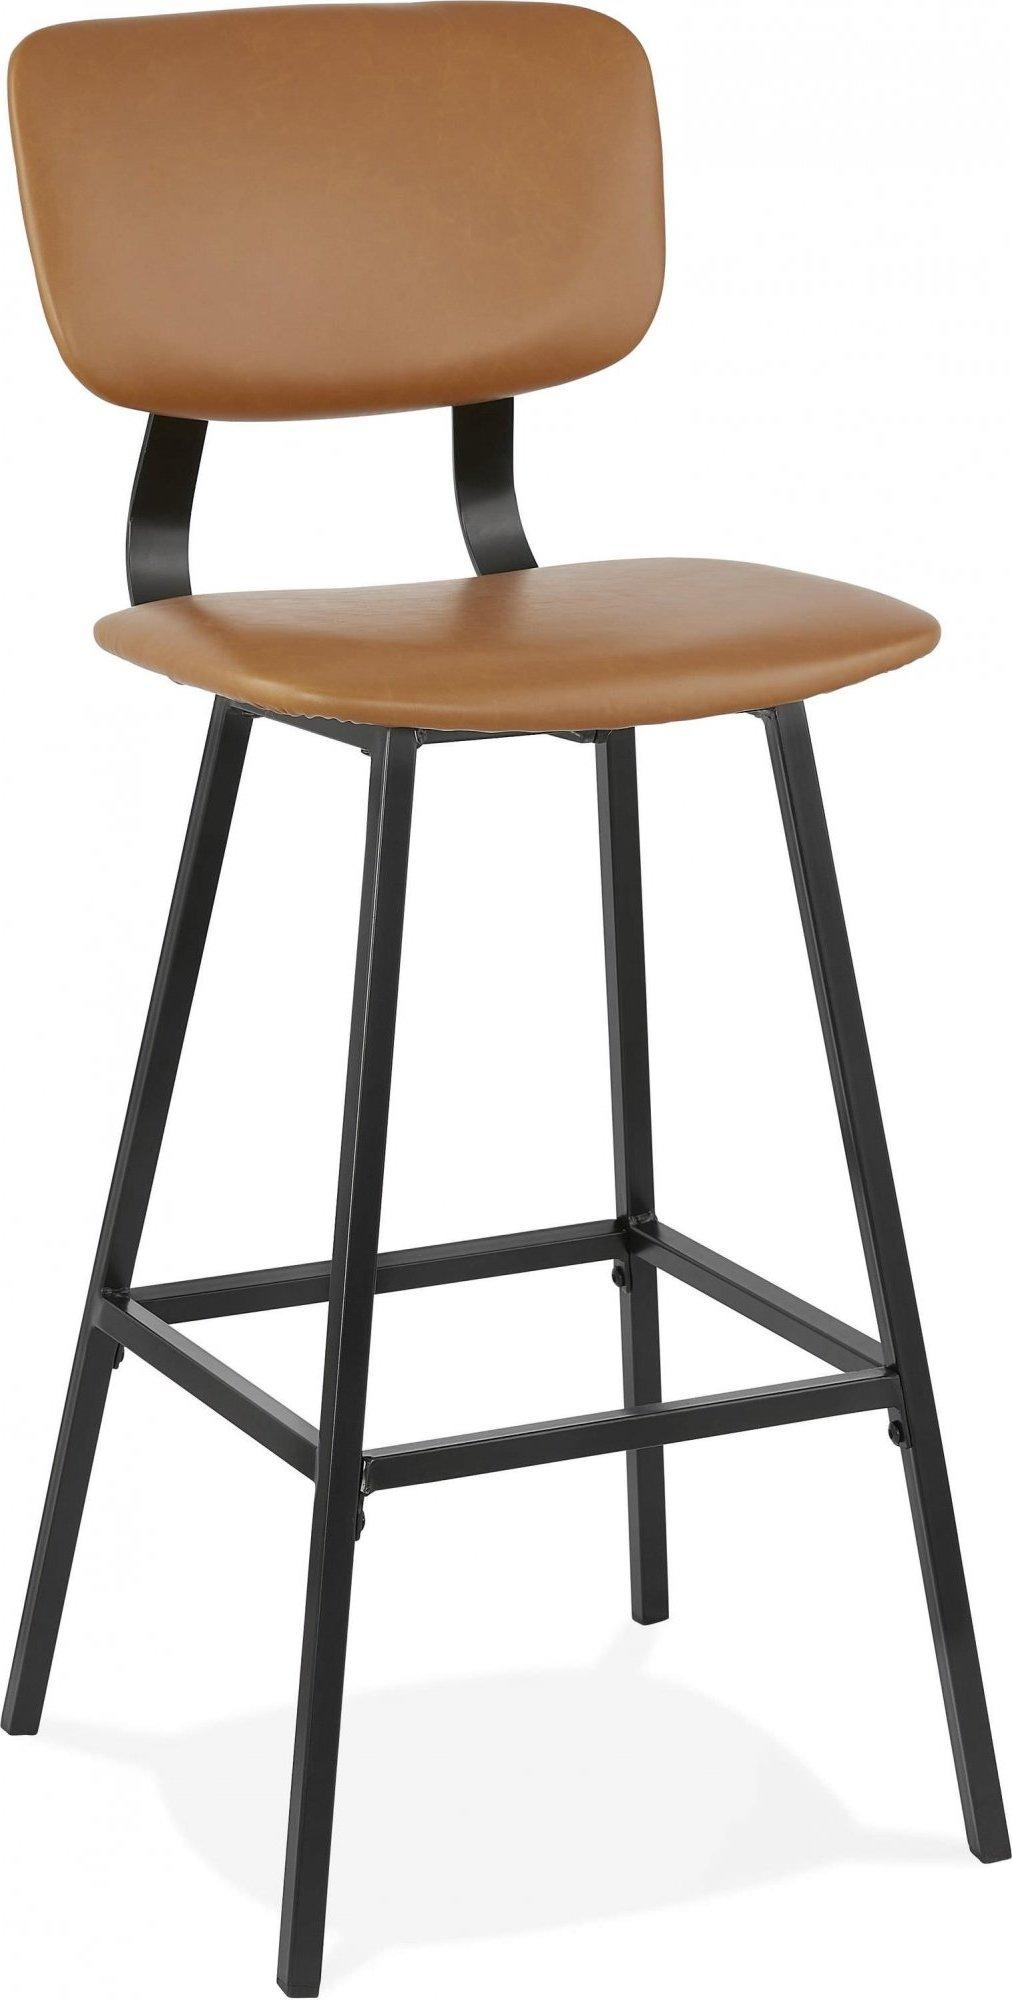 Tabouret de bar tradition assise rembourrée imitation marron